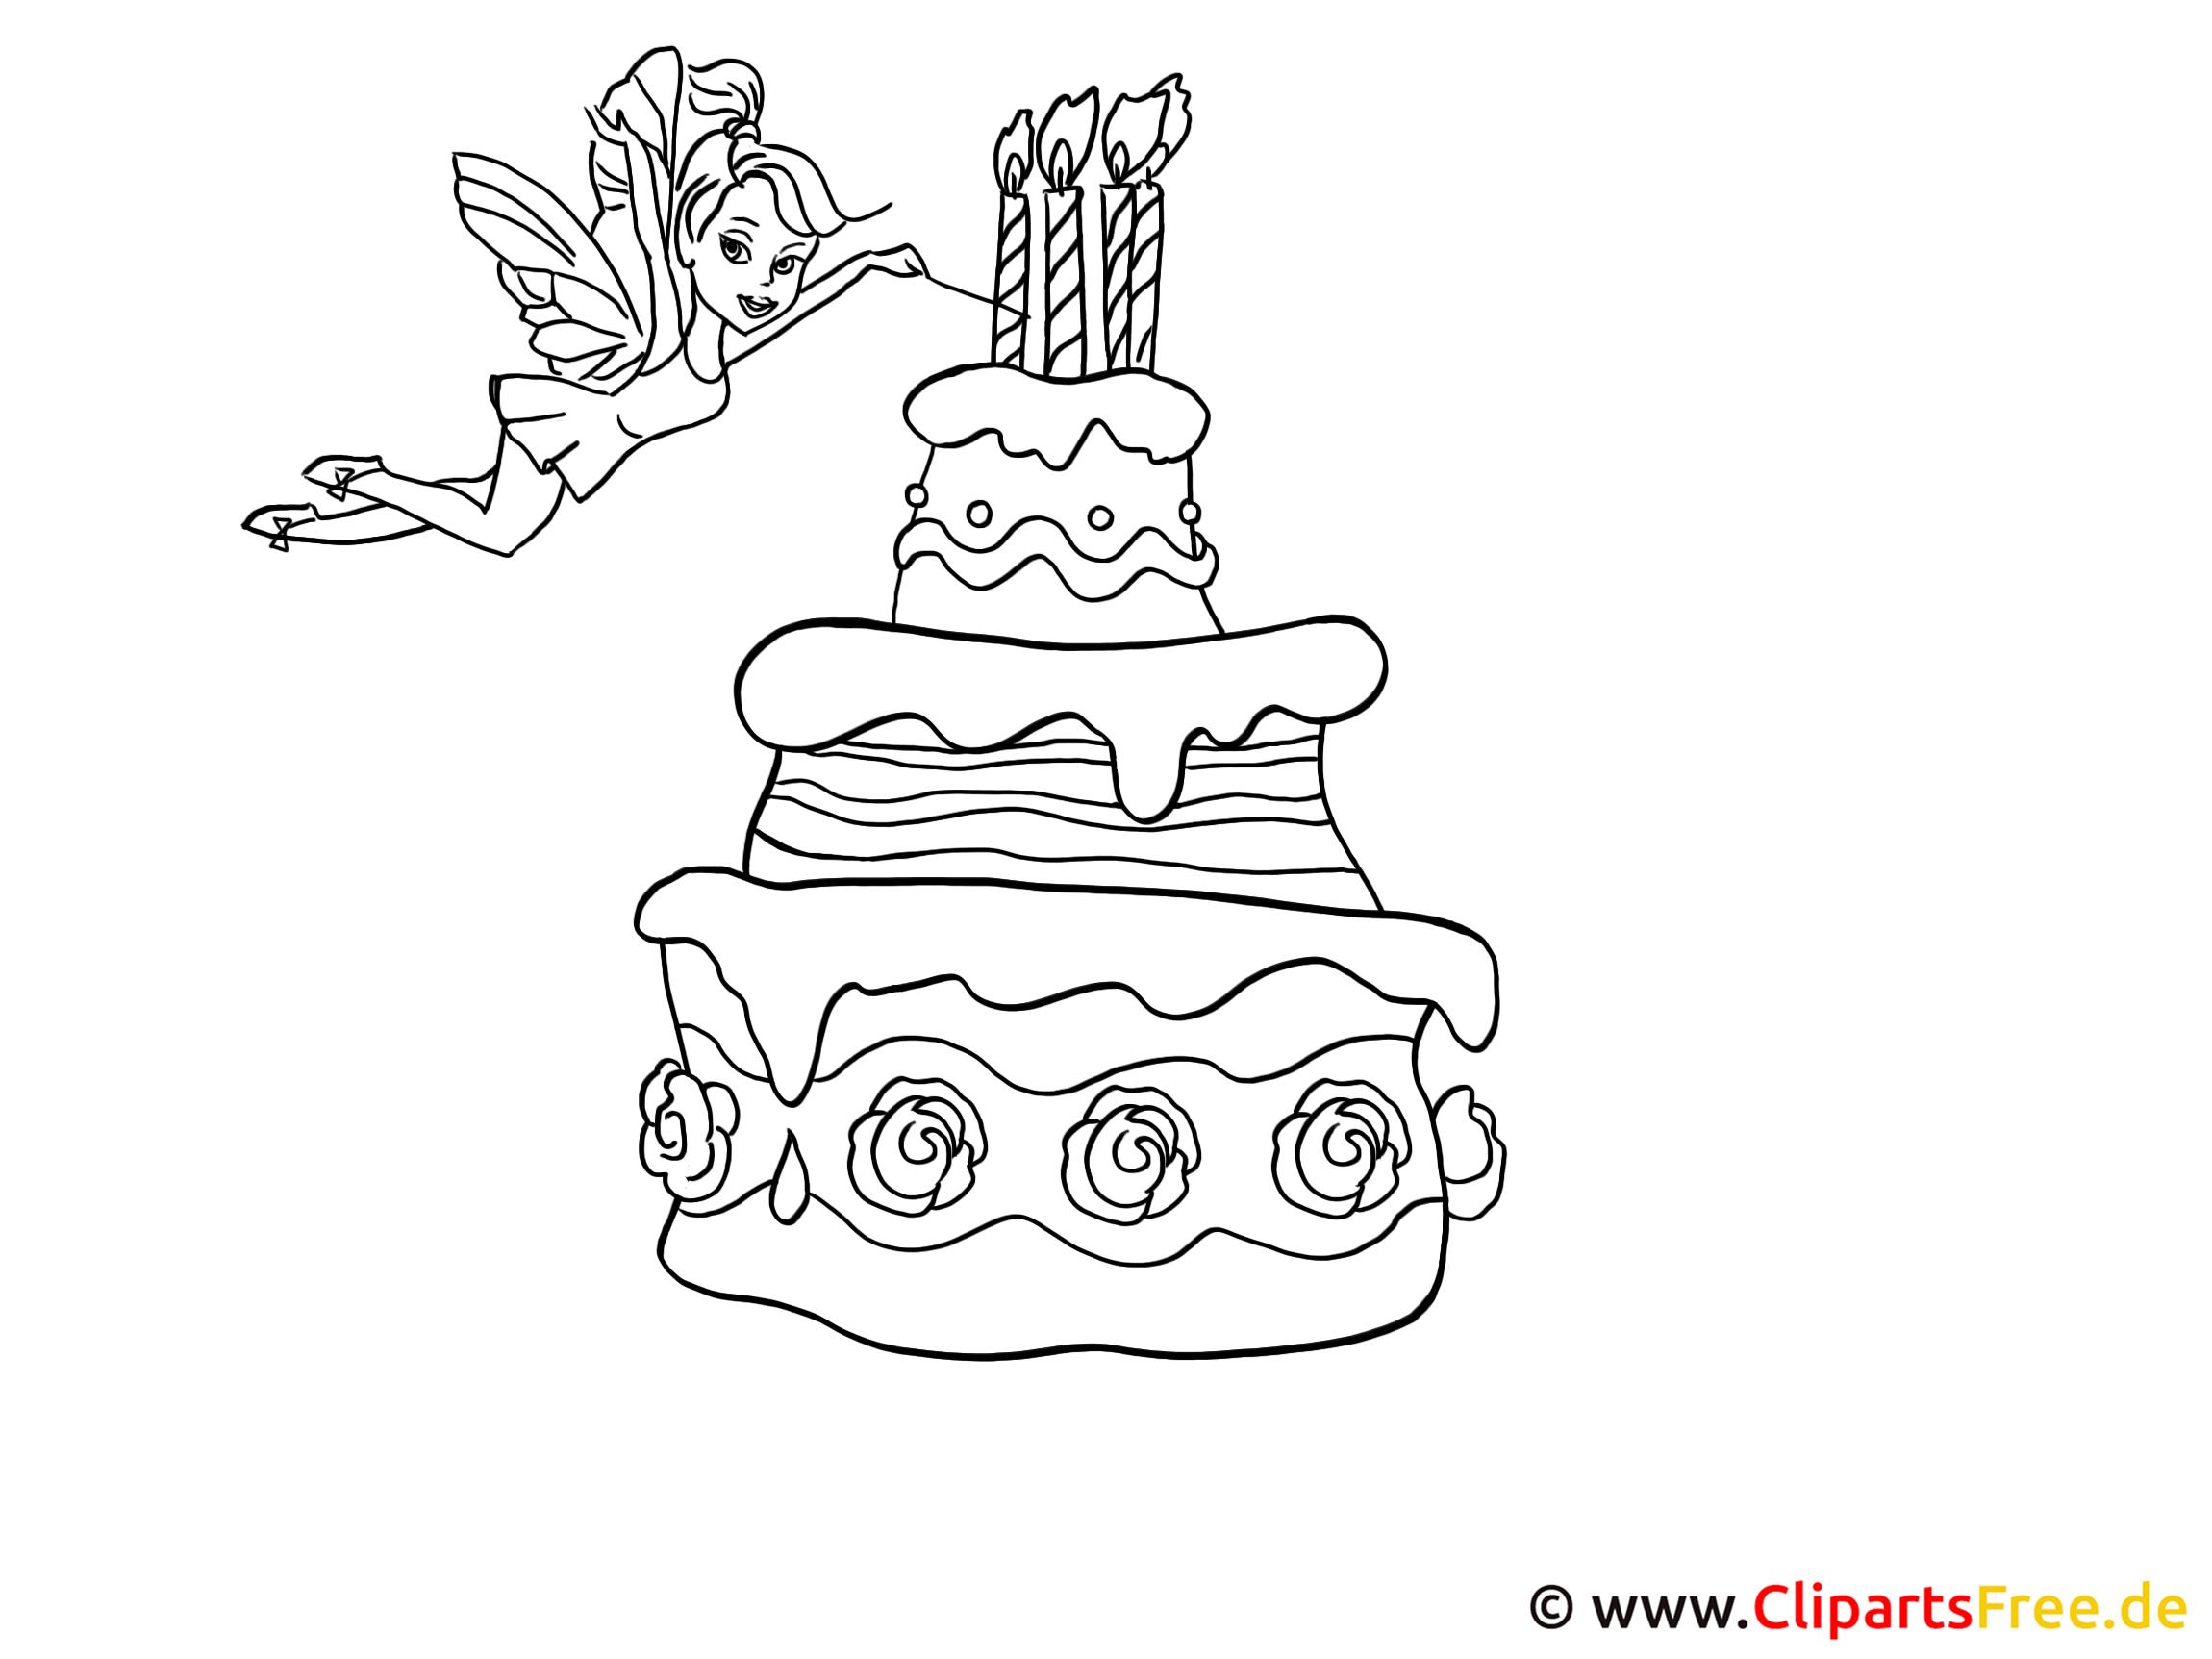 Torte Malvorlage